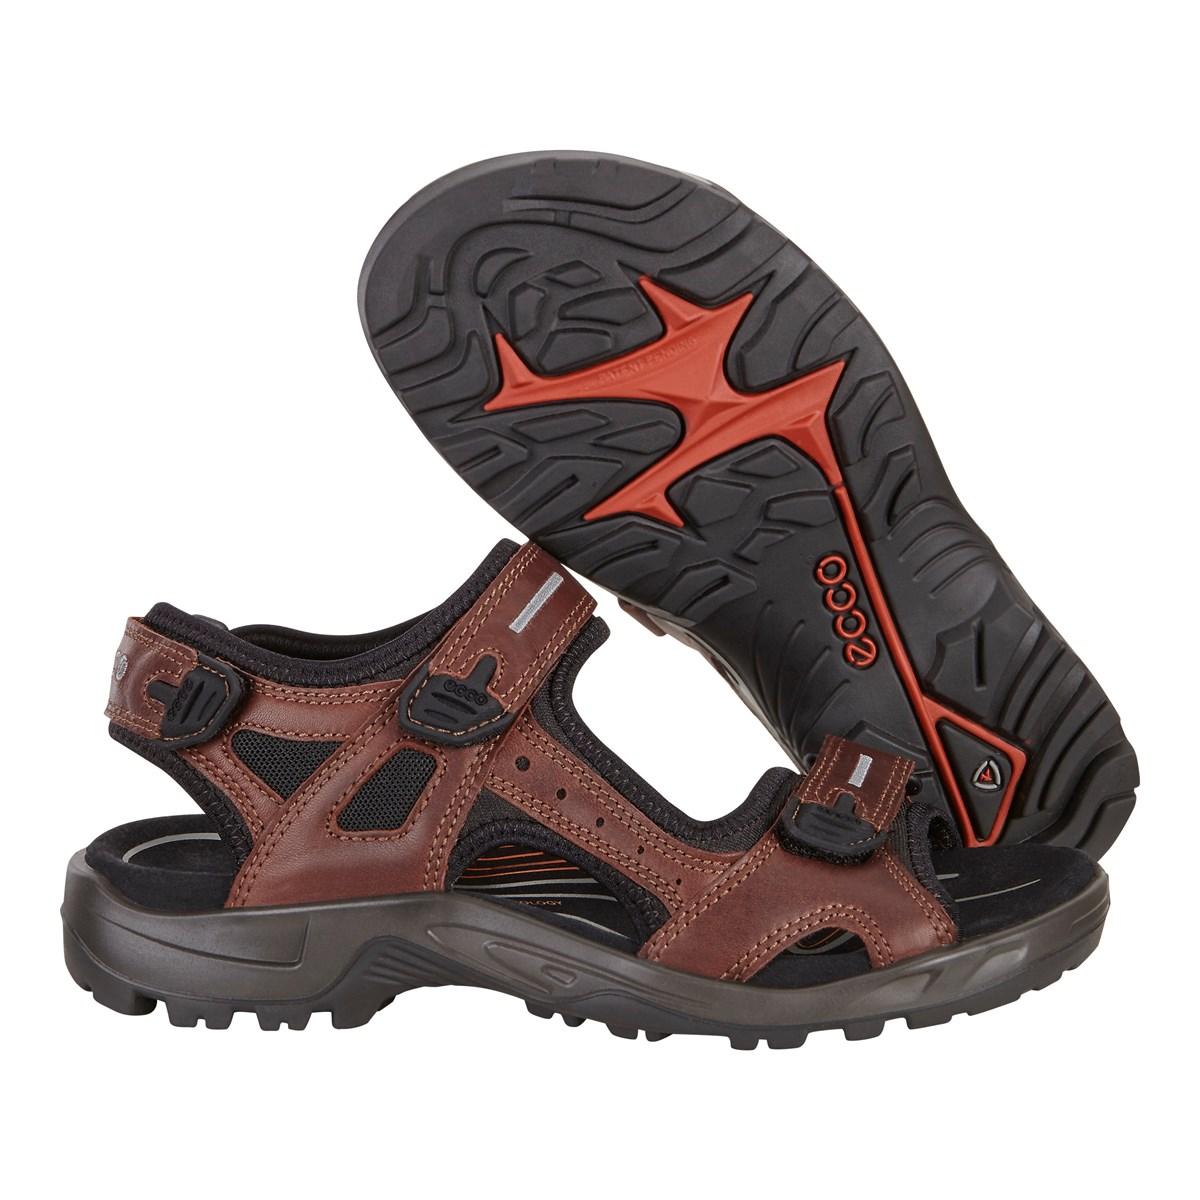 c96aaf738746 Sandals - OFFROAD - ECCO Shoes NZ